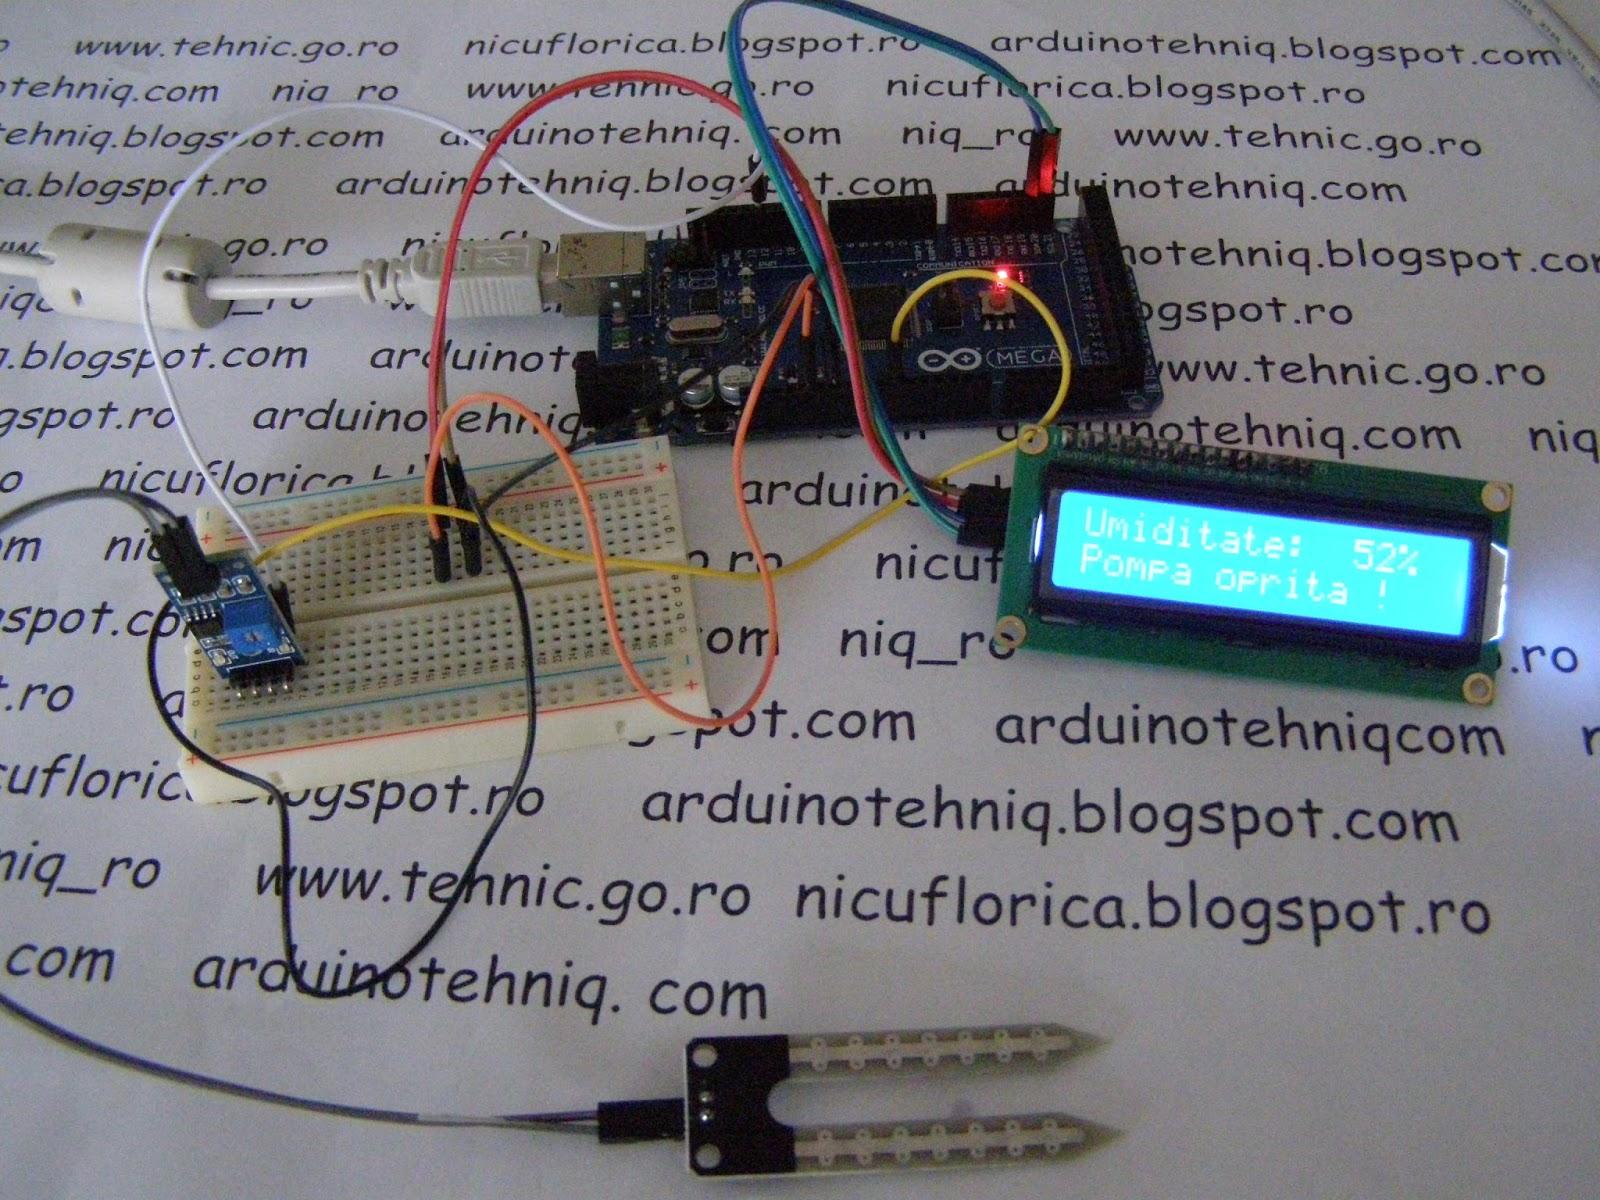 Nicu Florica Niq Ro Iunie 2016 Circuit Pic16f628 Rf Remote Buton 433mhz Button Se Intrerupe Alimentarea Senzorului Si Afiseaza Valoarea Umiditatii Starea Pompei